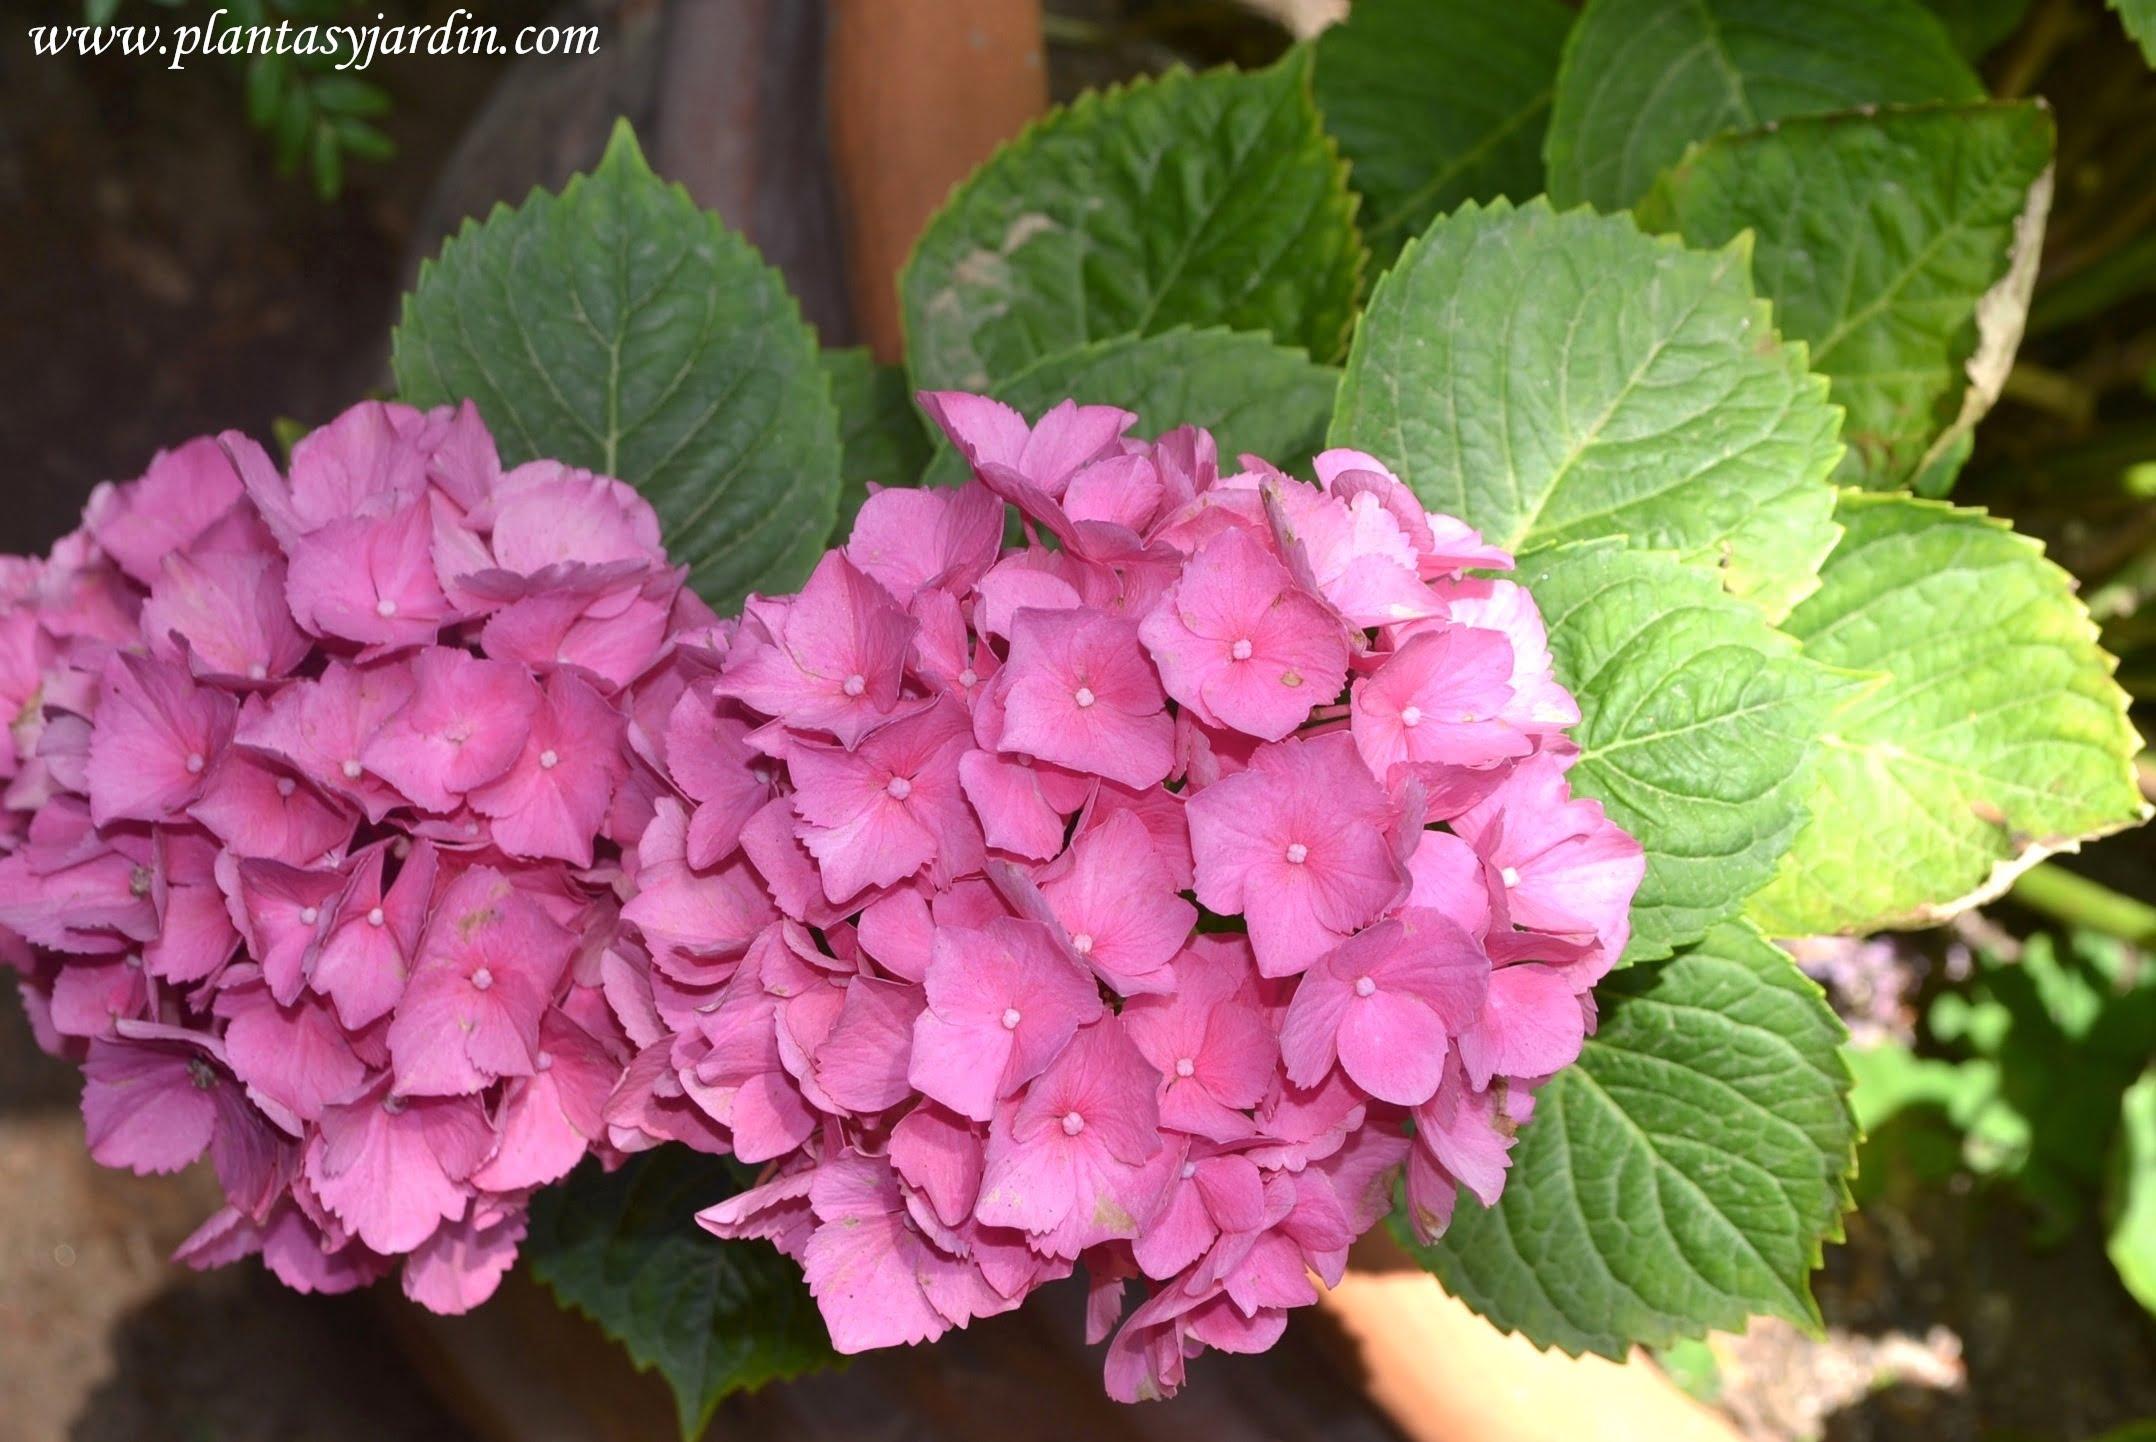 Hortensias florecidas a comienzos del verano